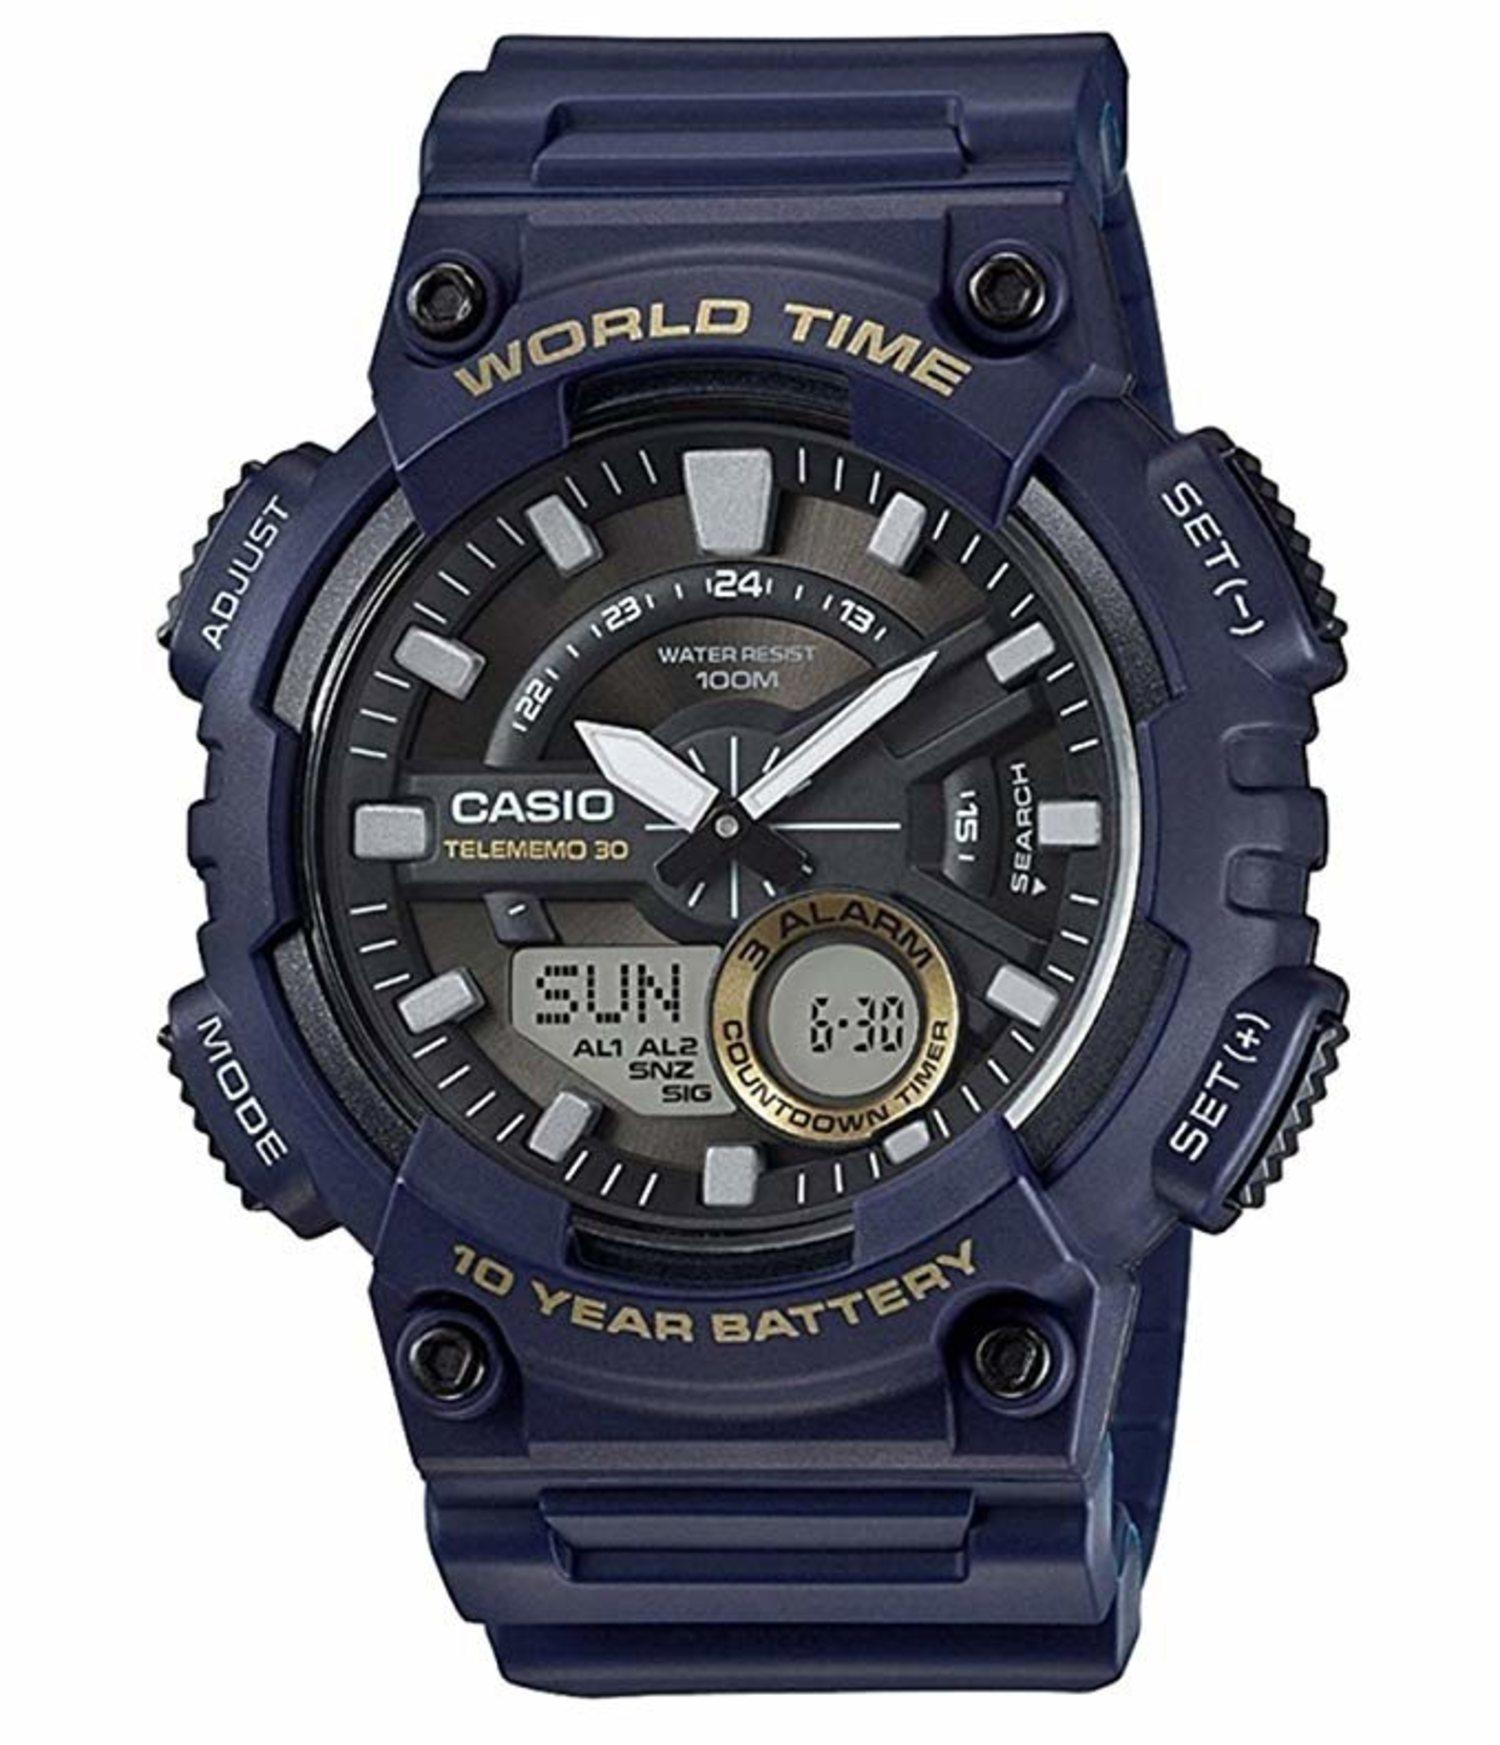 Un reloj fabricado con buen material es lo mejor para estas situaciones.